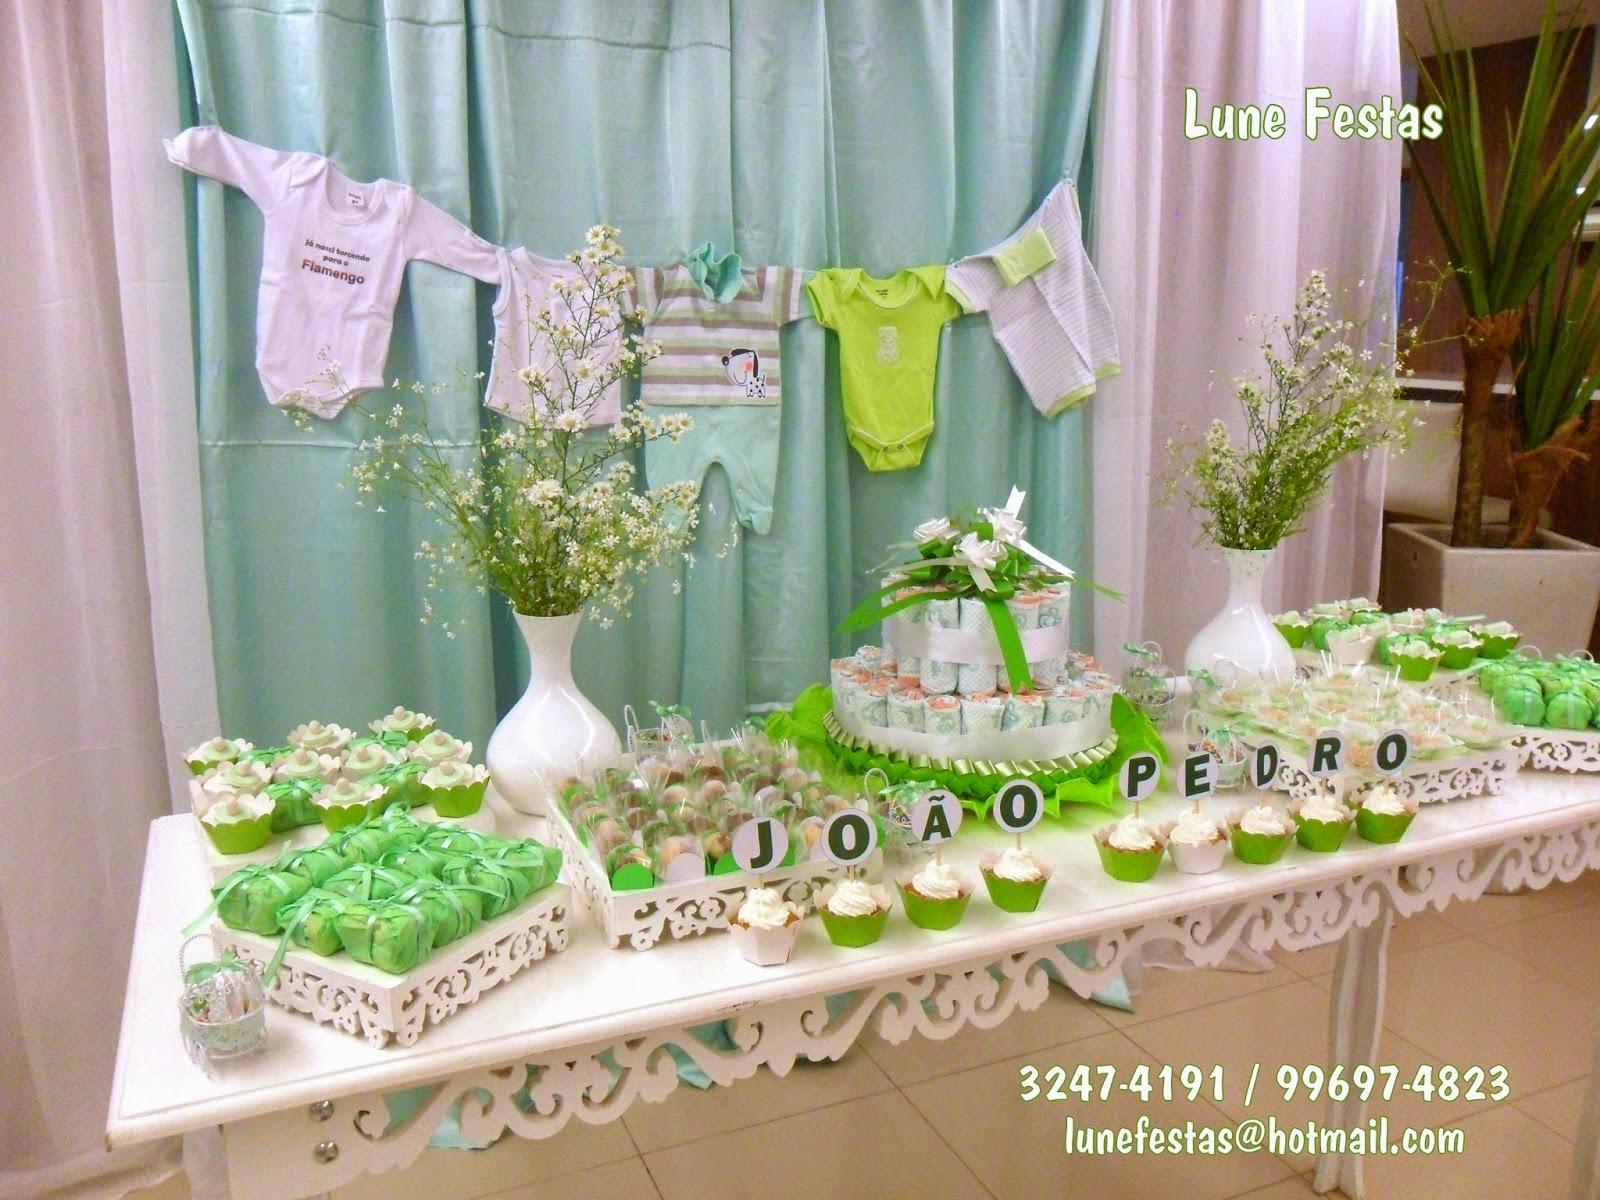 Lune Festas São Gonçalo RJ: Chá de Fralda ou Chá de Bebê  #3A2C09 1600x1200